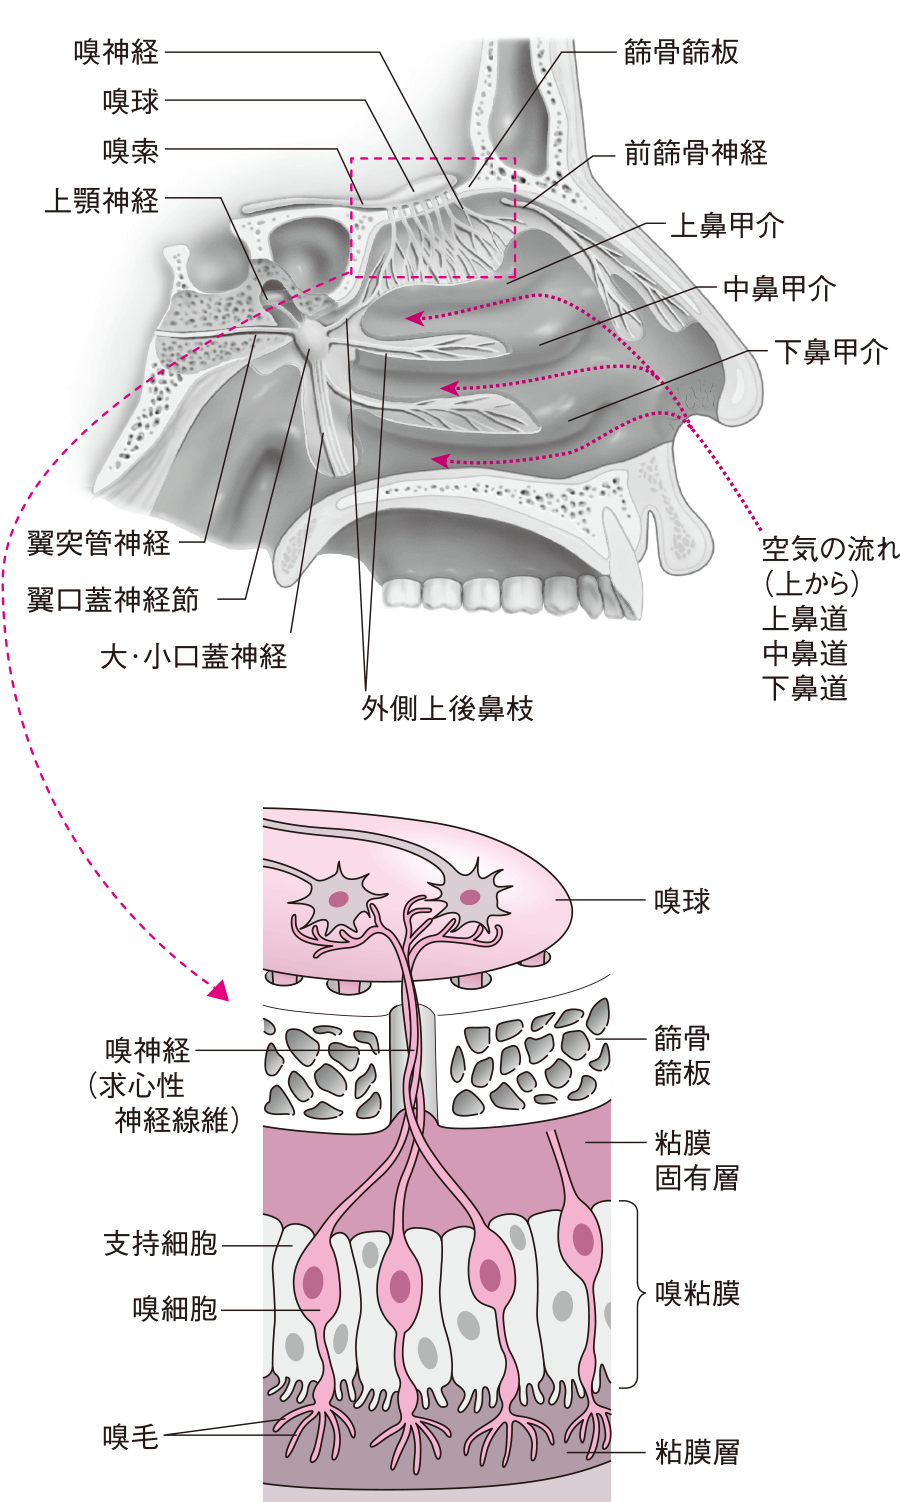 鼻腔の内部構造